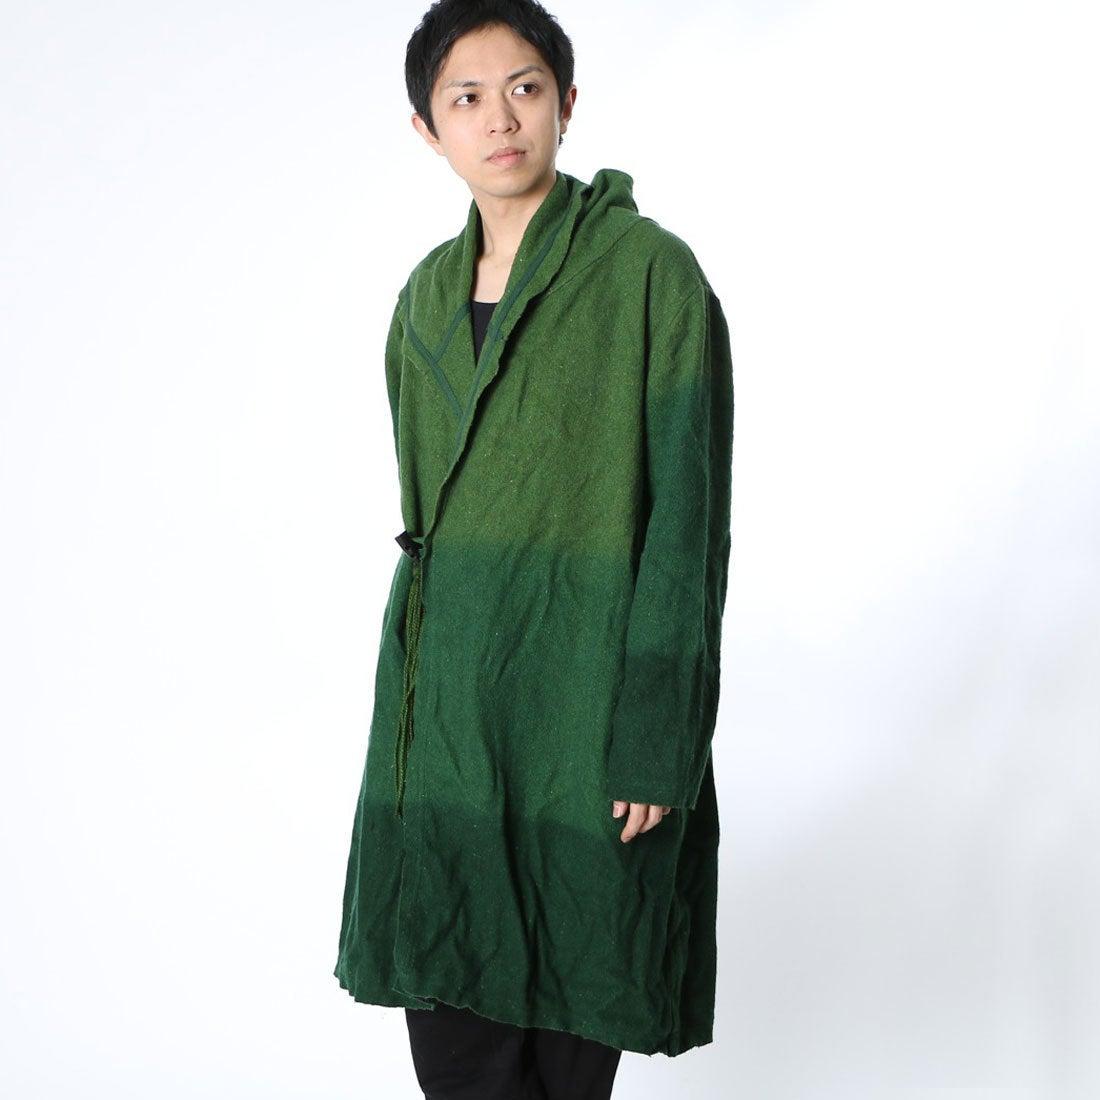 ◆【チャイハネ】ディップグラデーションダイMEN'Sコートカーキ